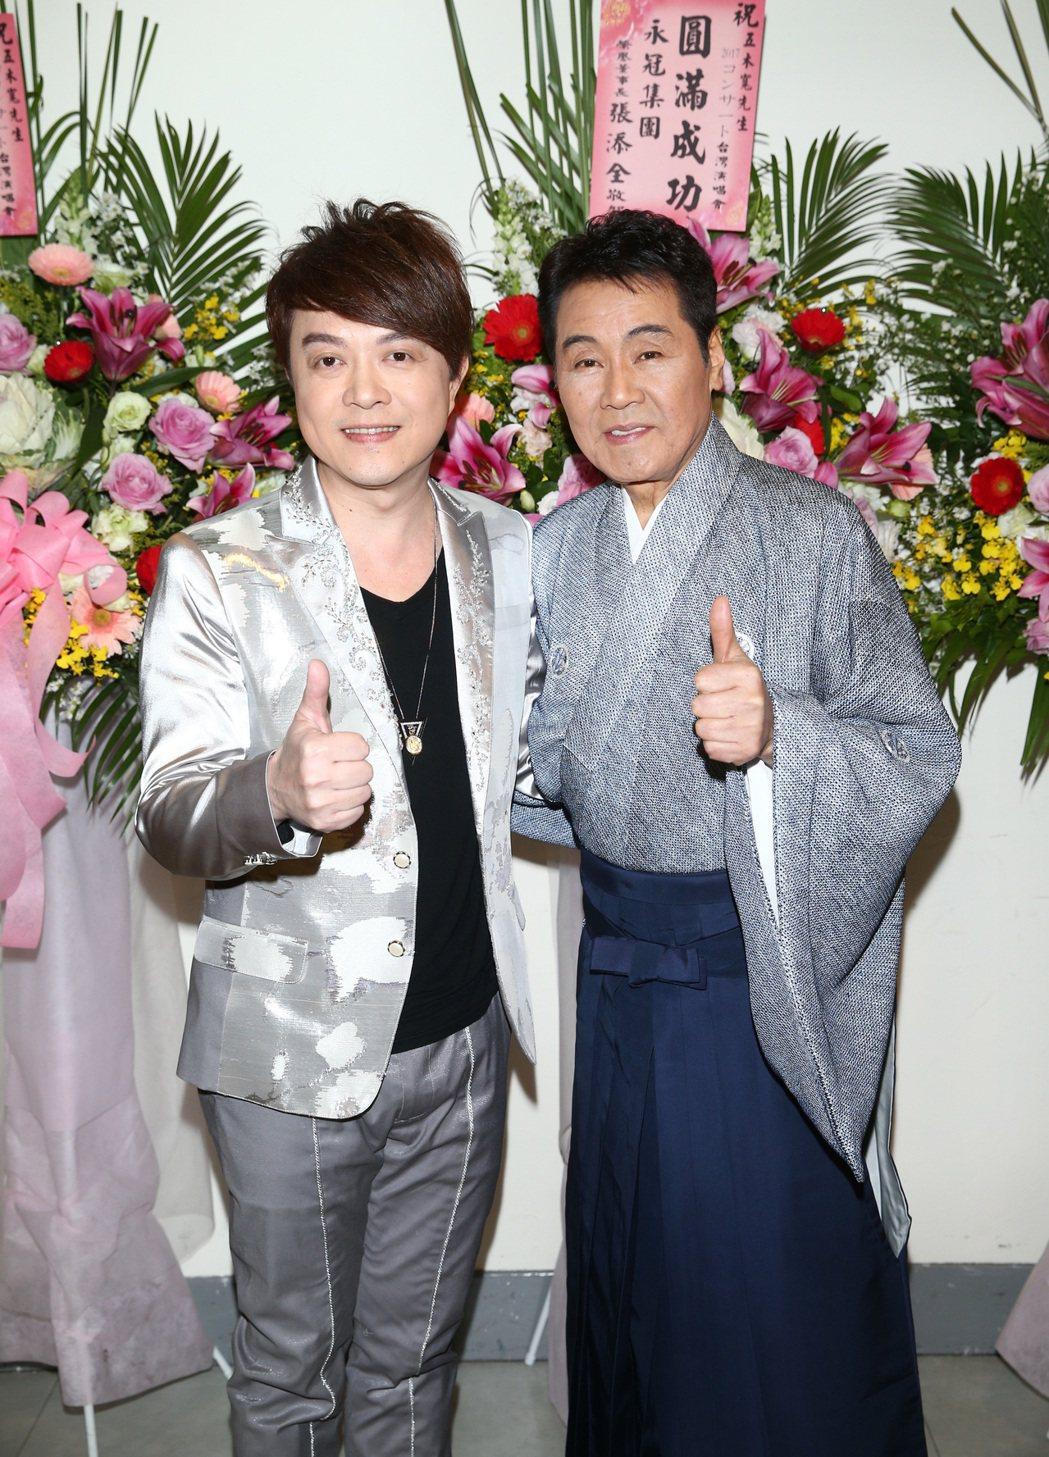 68歲日本演歌天王五木寬(右)在台北國際會議中心舉行演唱會,歌手翁立友(左)當嘉...